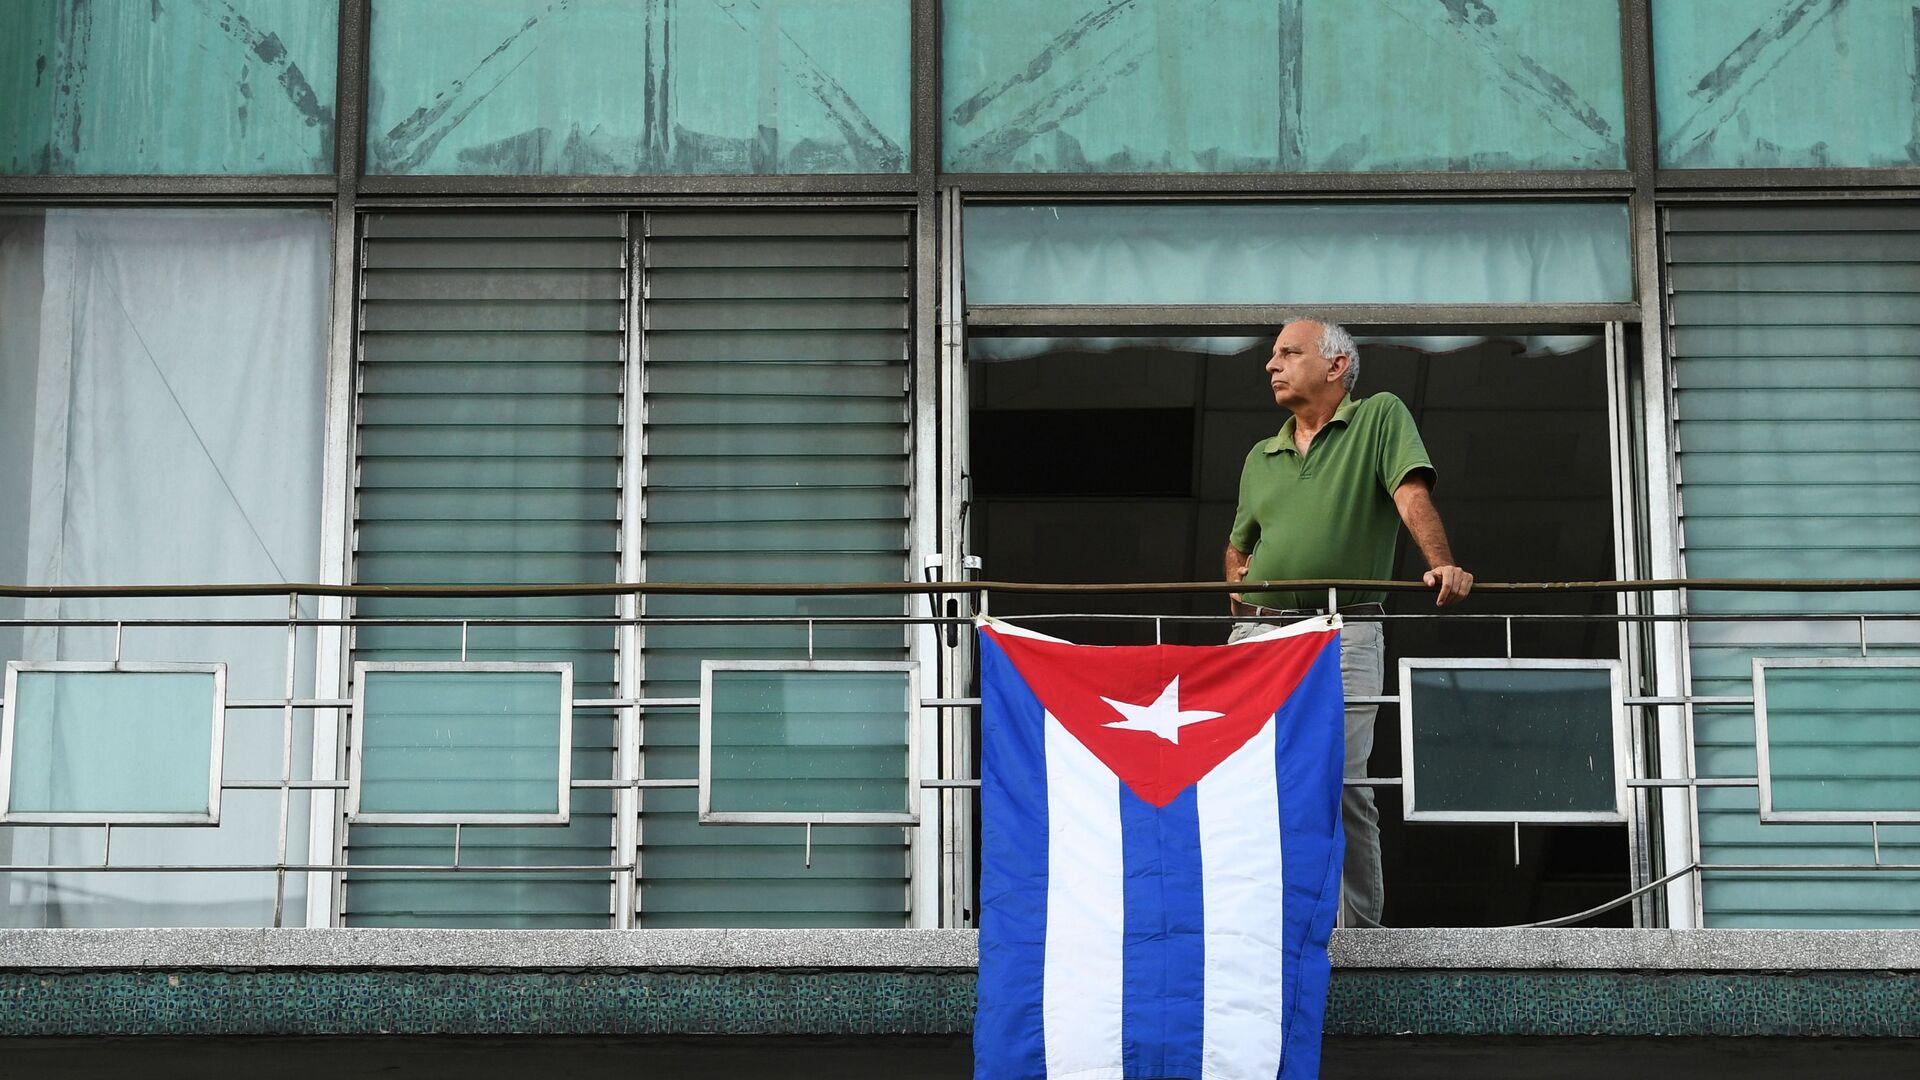 Kuba przedstawi projekt rezolucji ONZ ws. blokady - Sputnik Polska, 1920, 19.07.2021